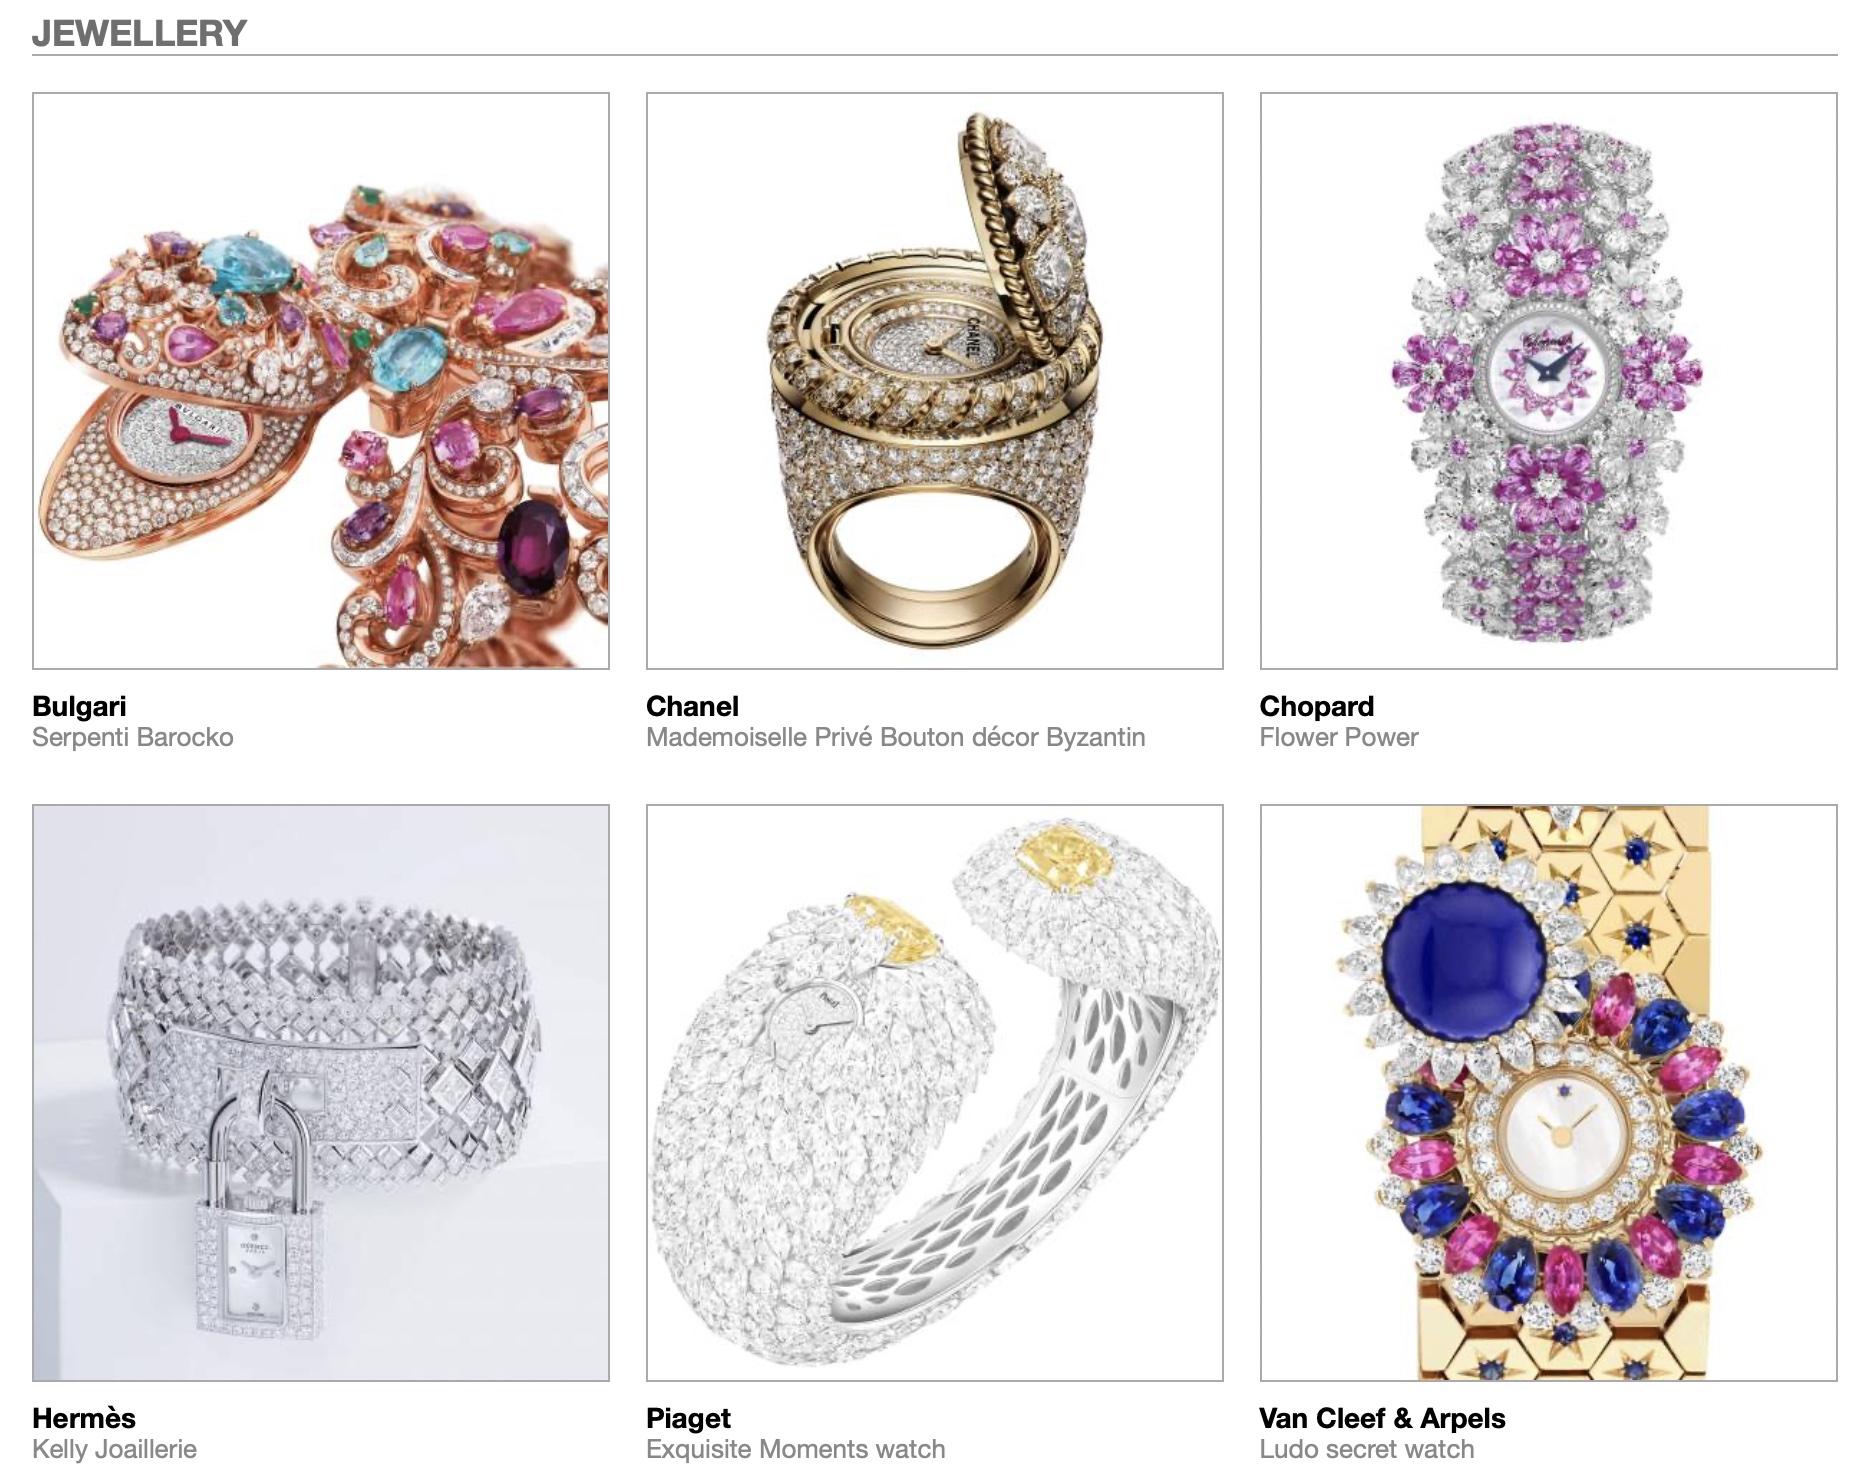 GPHG 2021 Nominees Jewellery